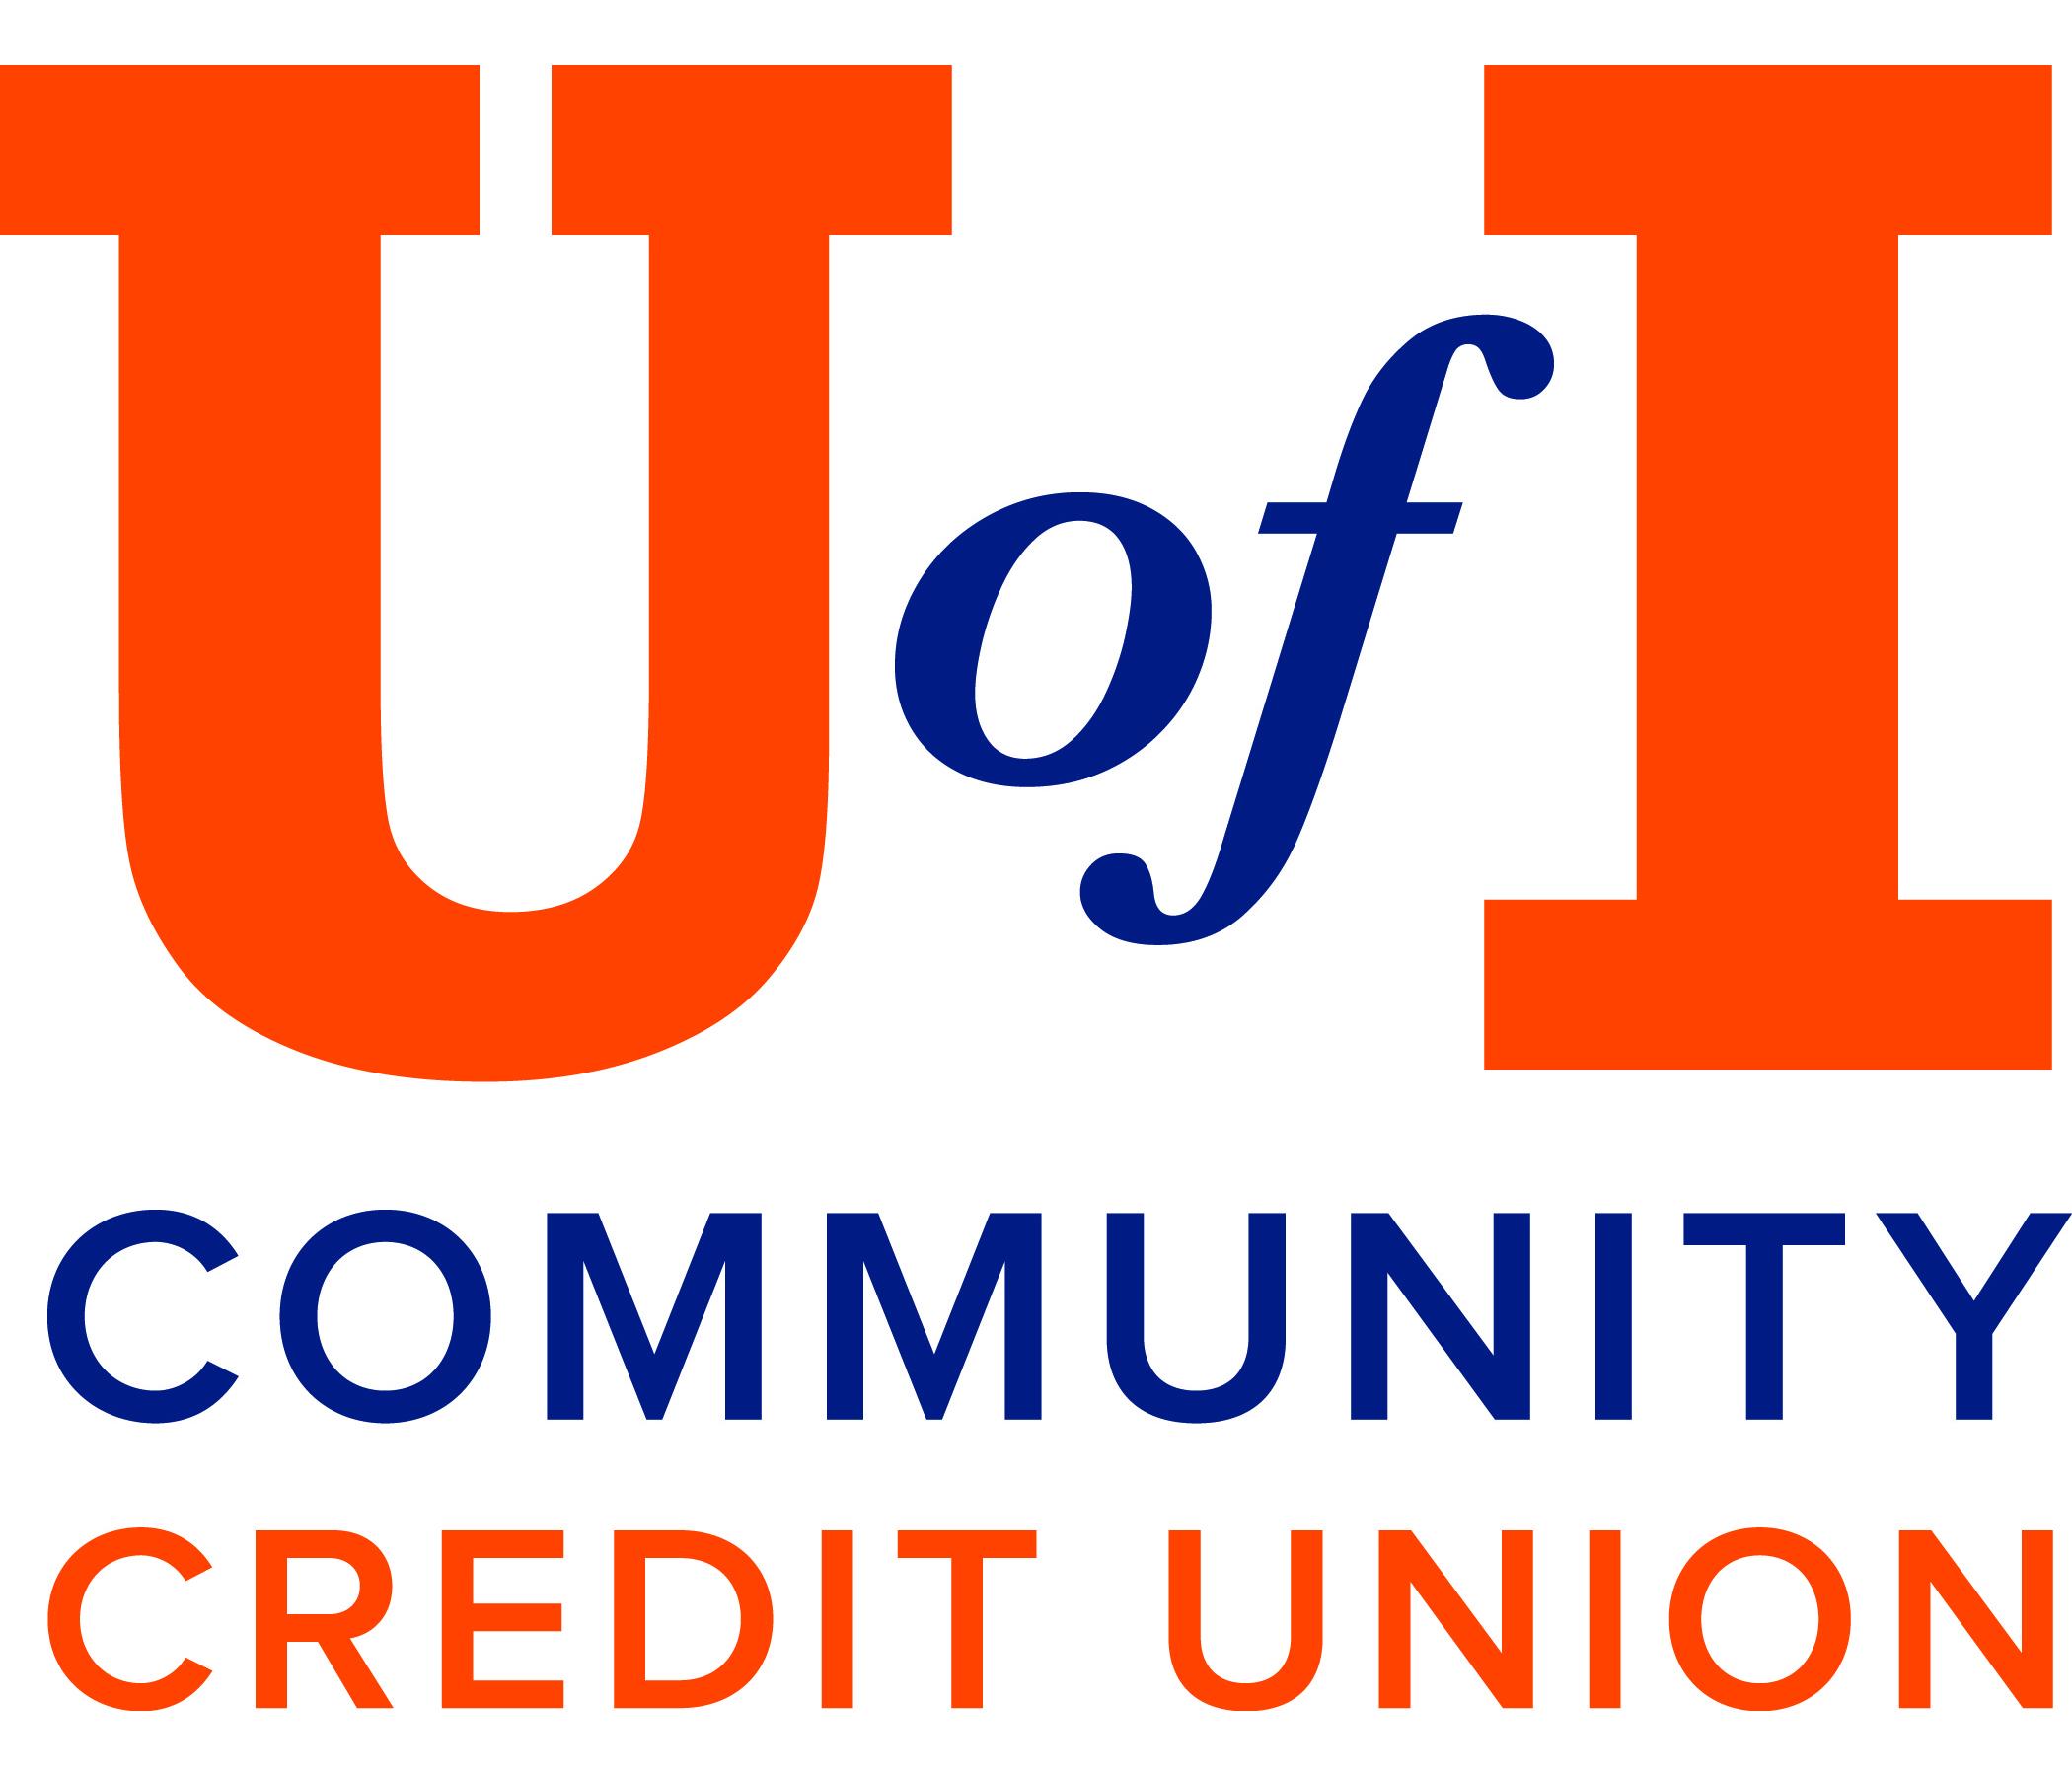 home - u of i community credit union